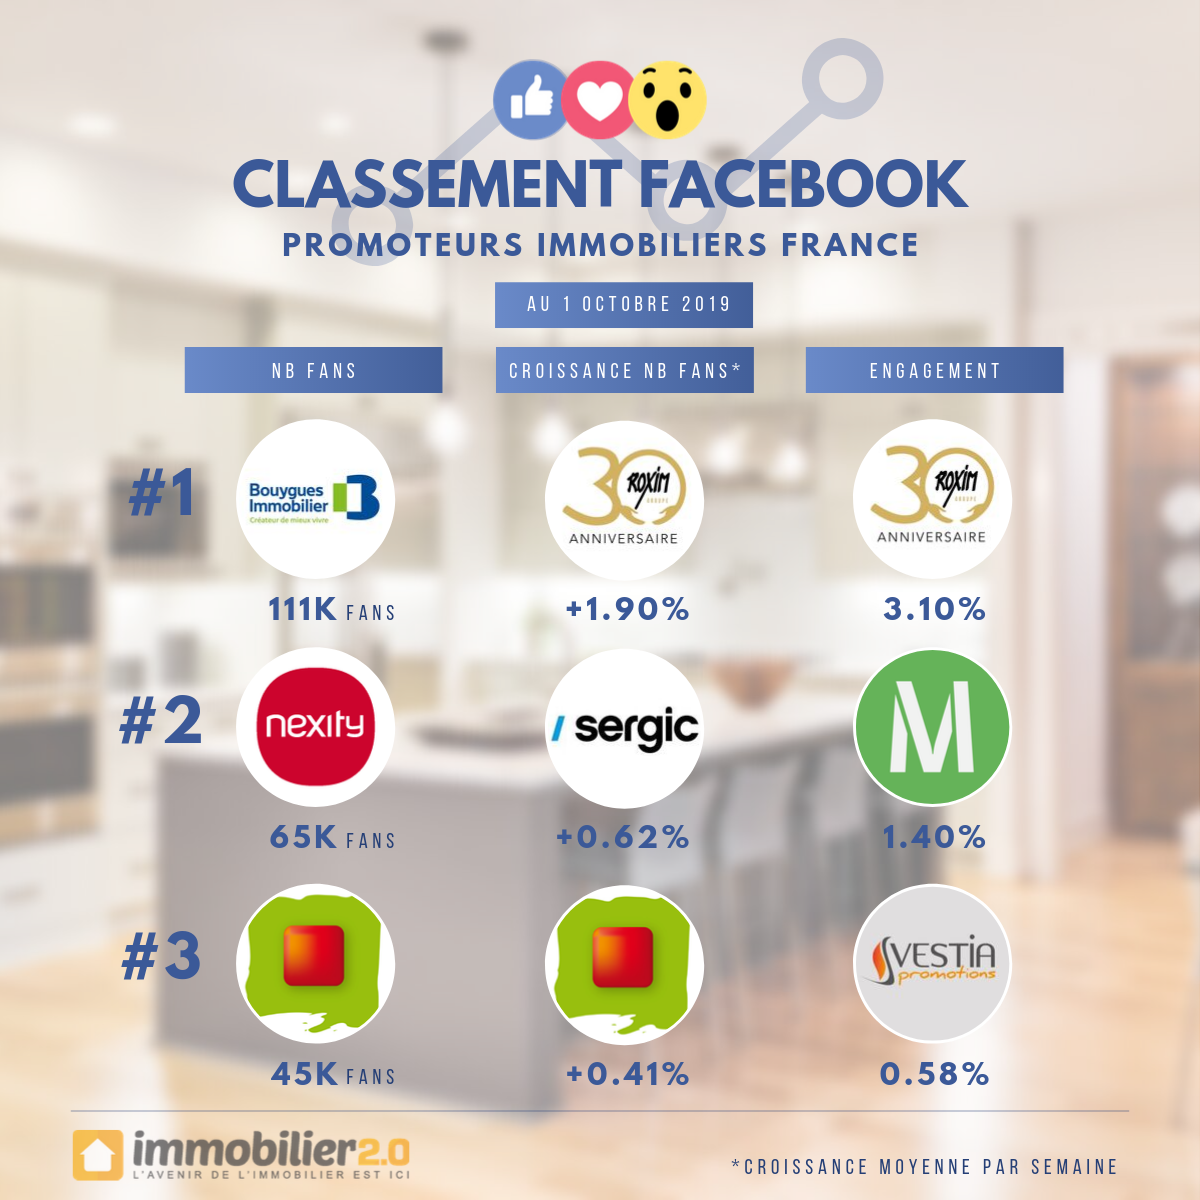 Classement Facebook Promoteurs Immobiliers France Octobre 2019